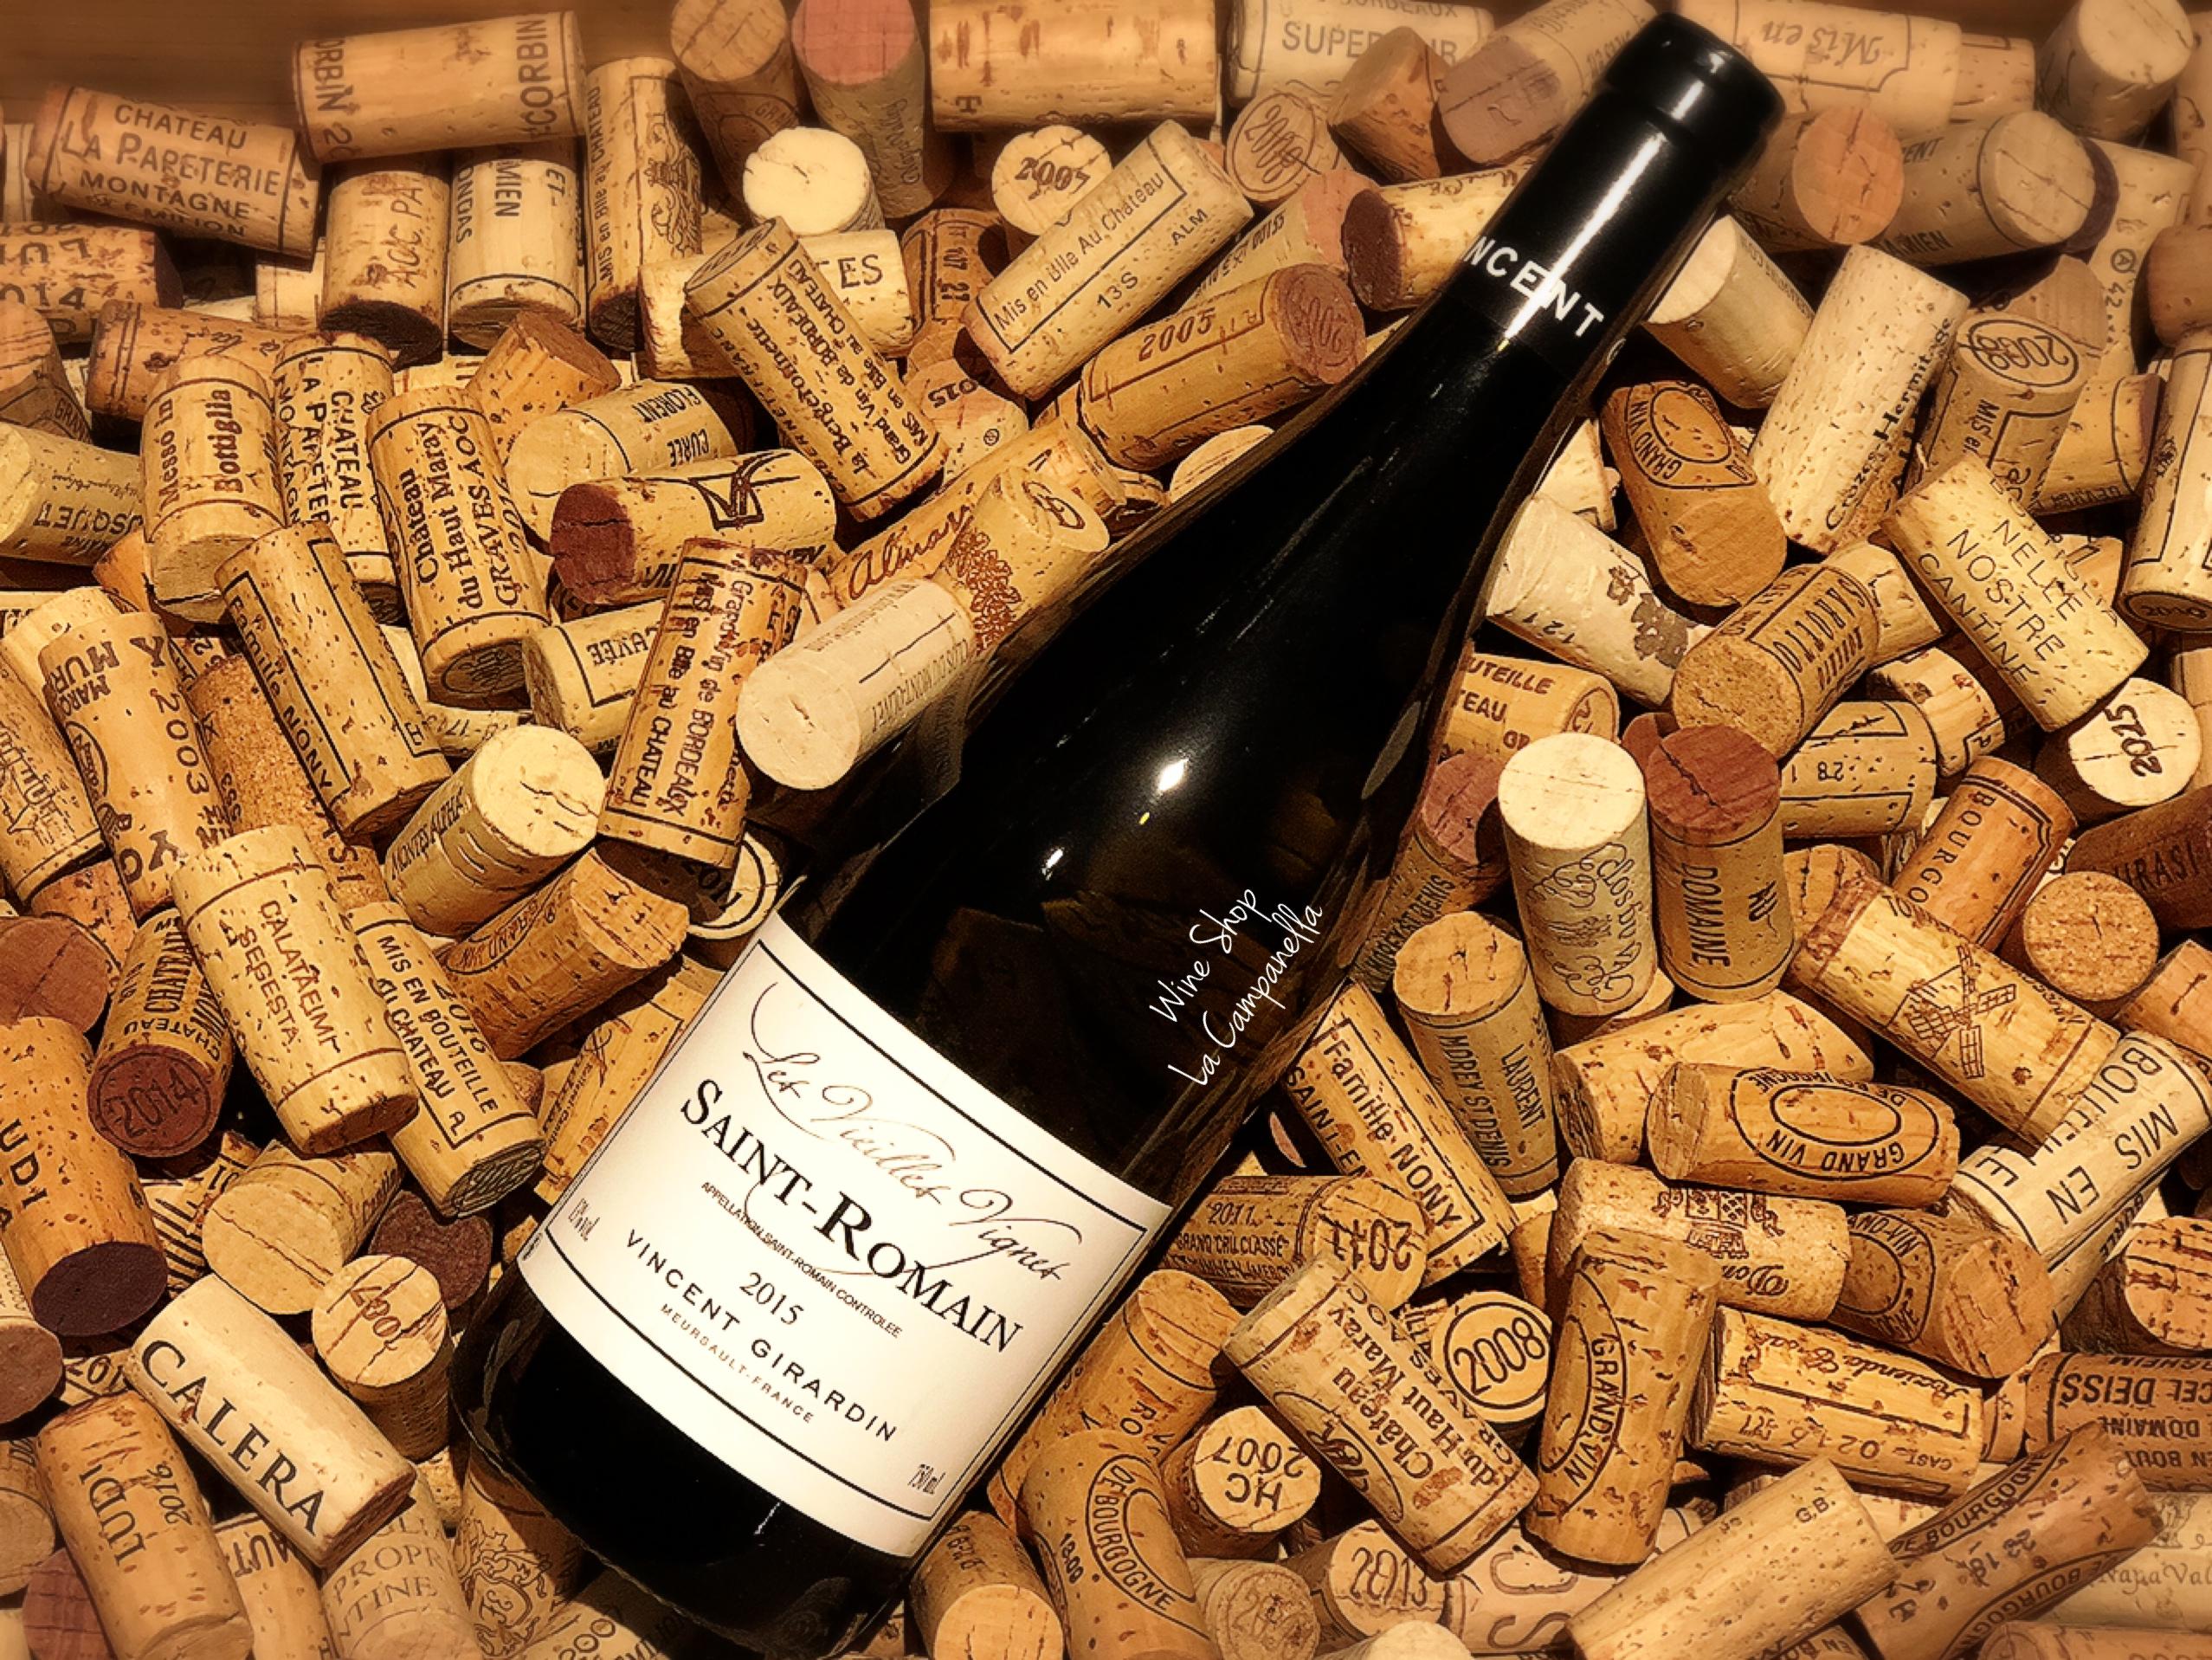 Saint Romain Blanc Les Vieilles Vignes 2015